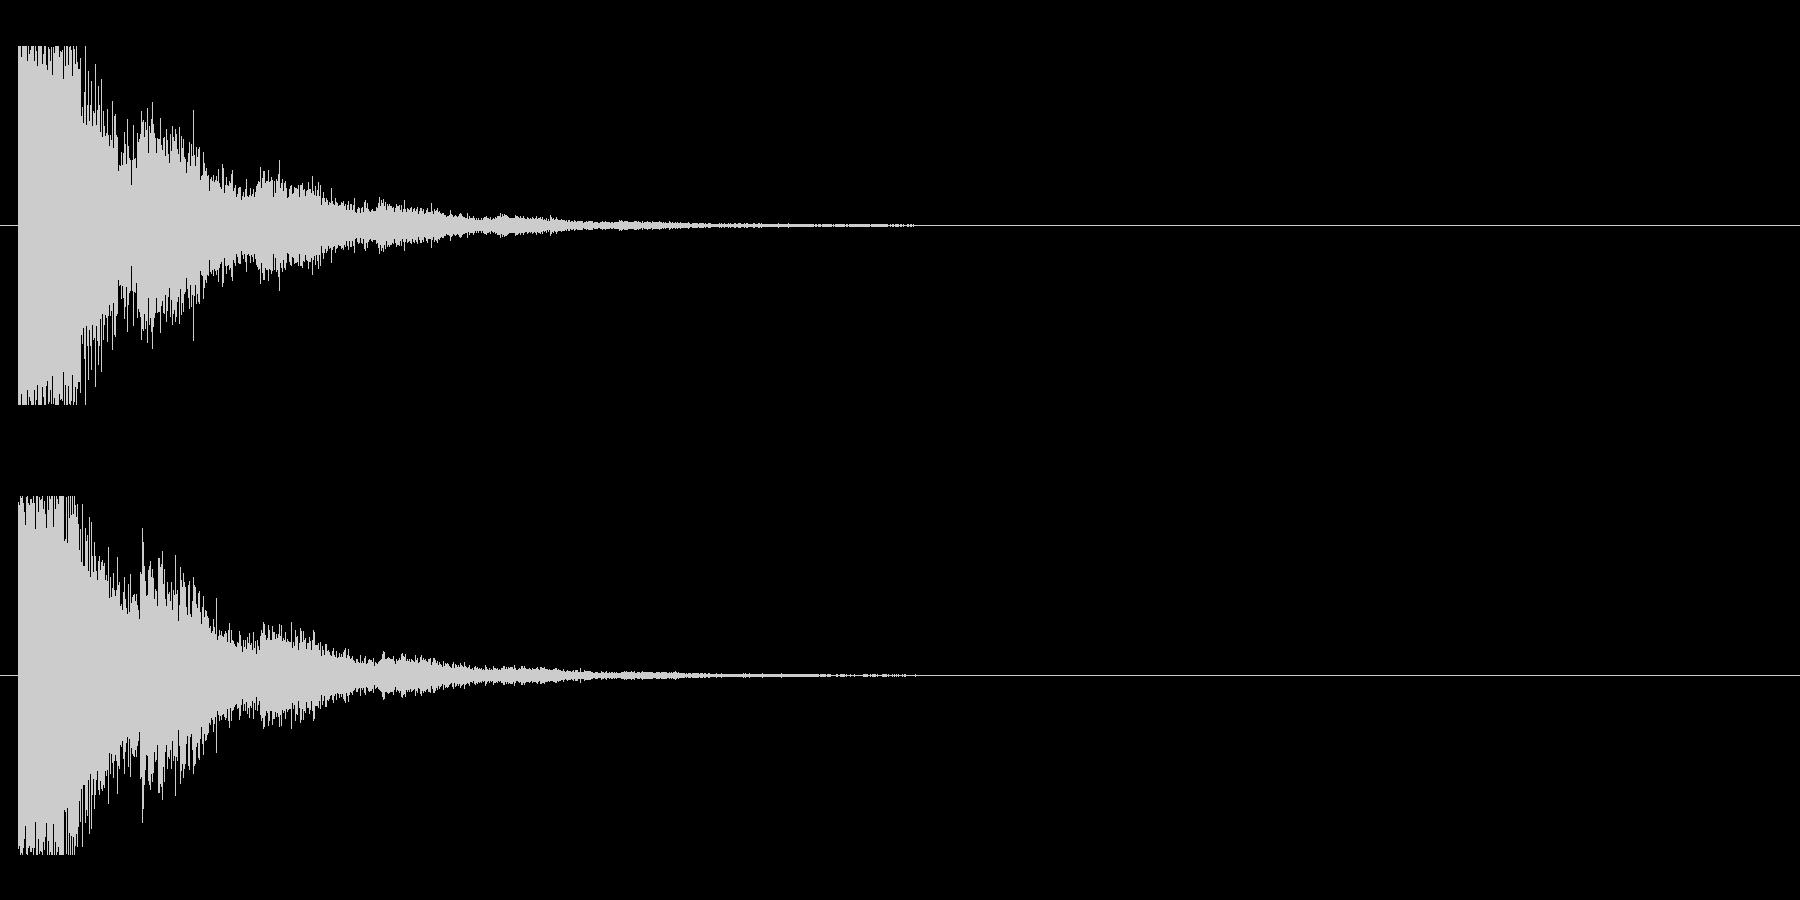 レーザー音-80-2の未再生の波形